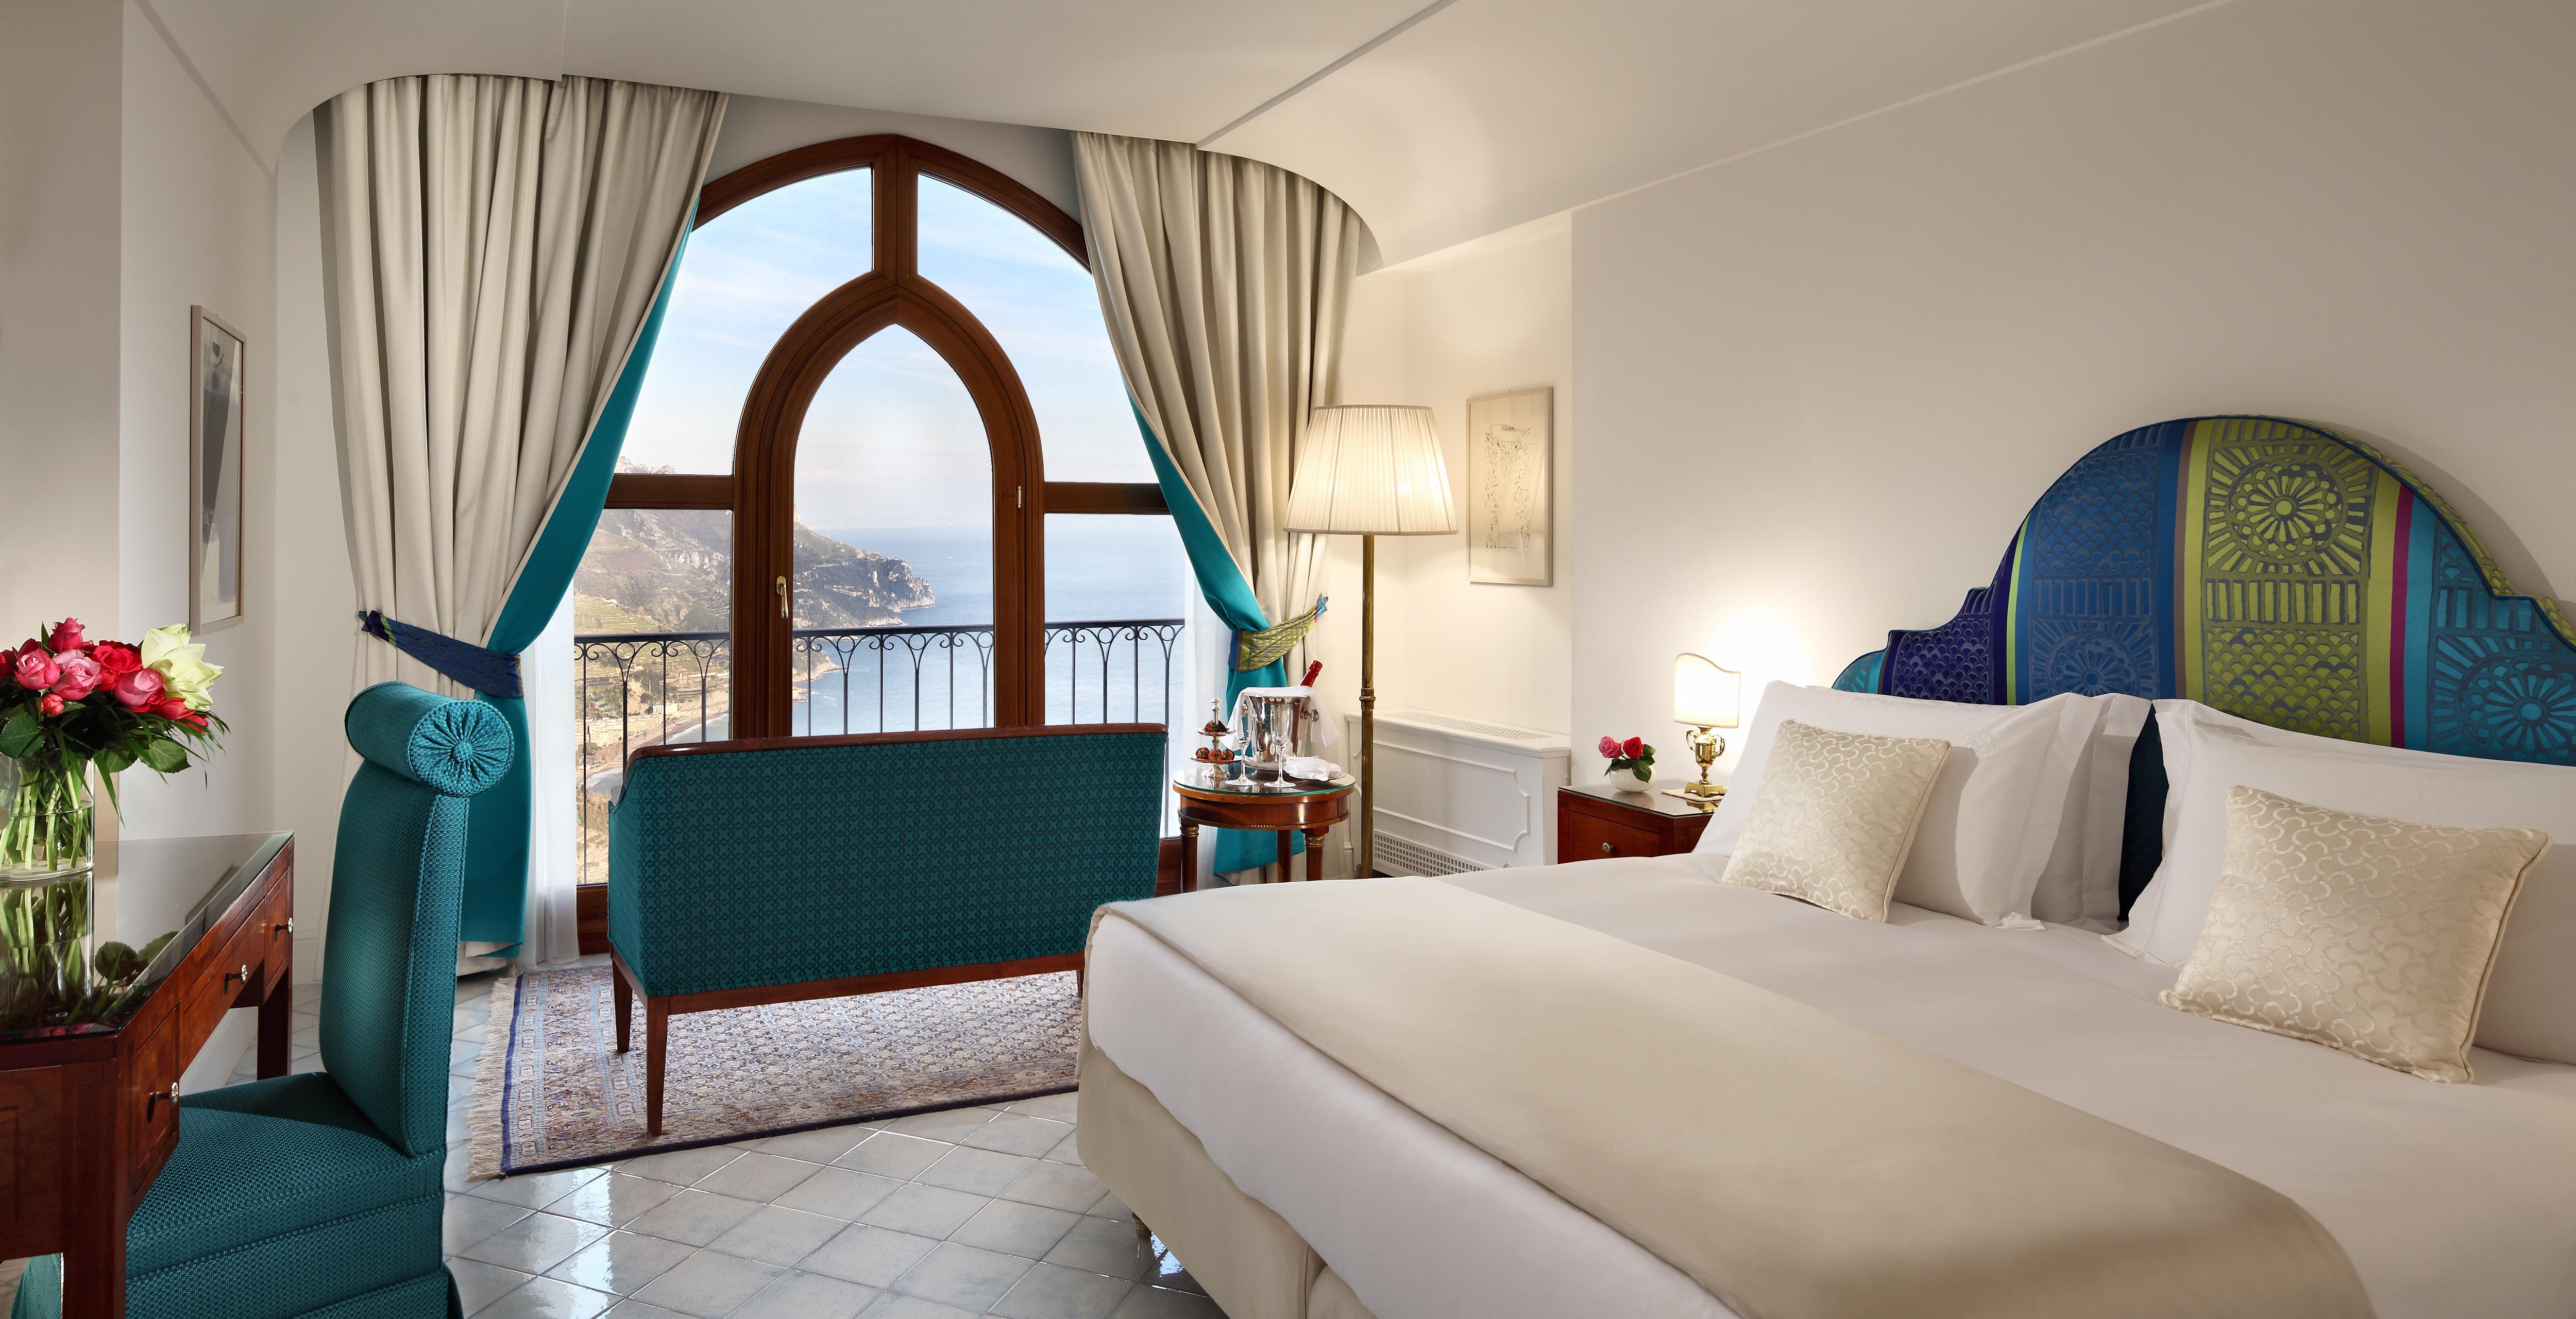 palazzo-avino-deluxe-sea-view-room-3